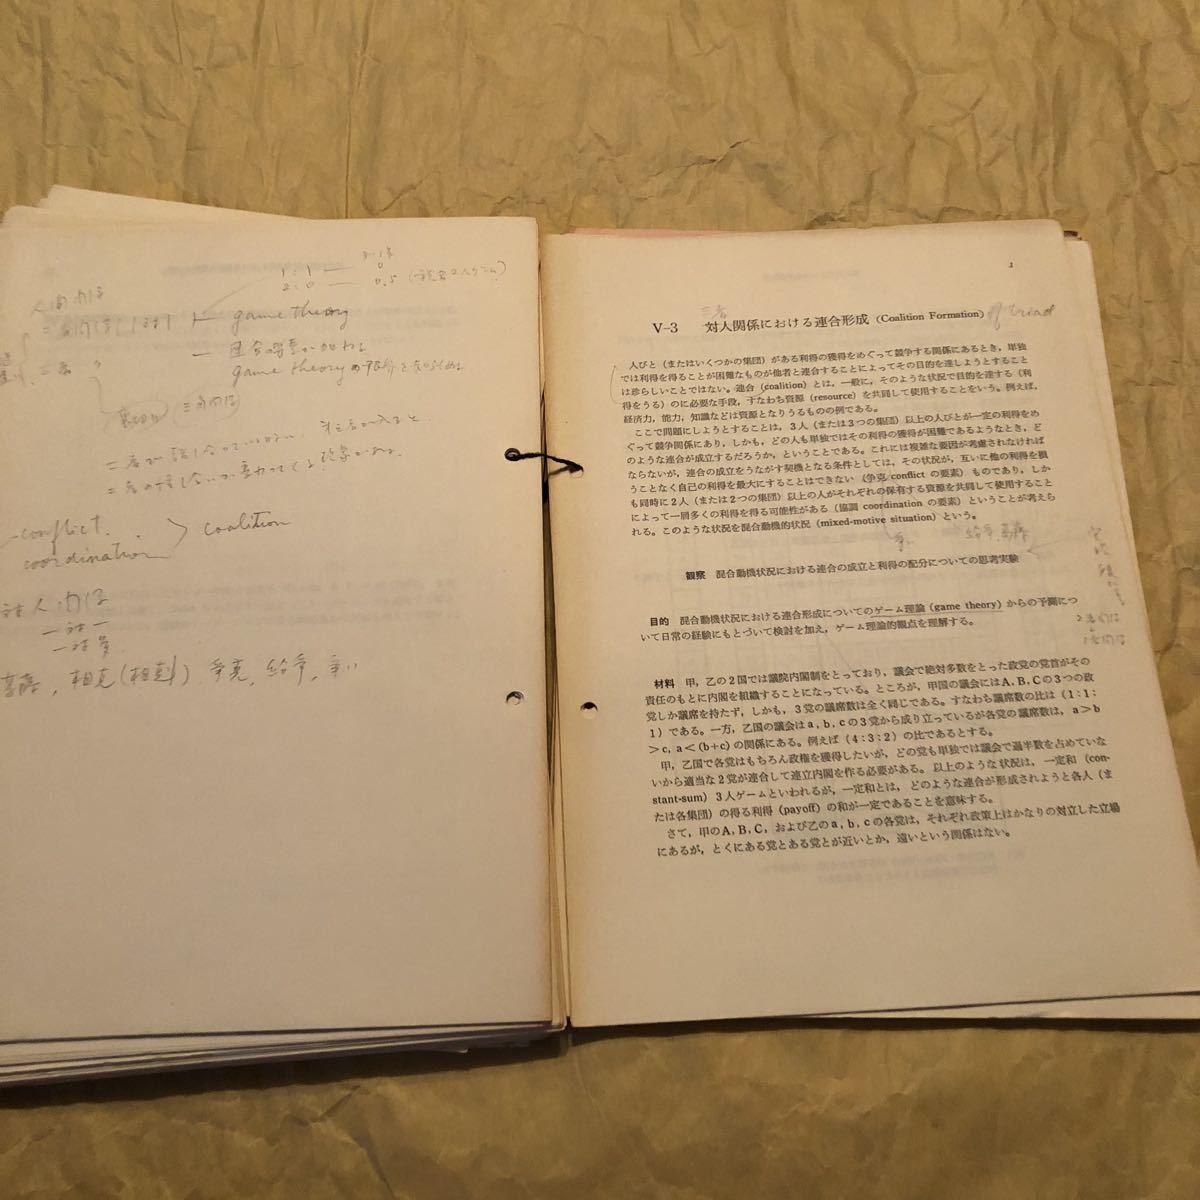 【心理学】『新版 実験とテスト 心理学の基礎』1974年★心理学実験指導研究会編★経年くすみあり_画像8